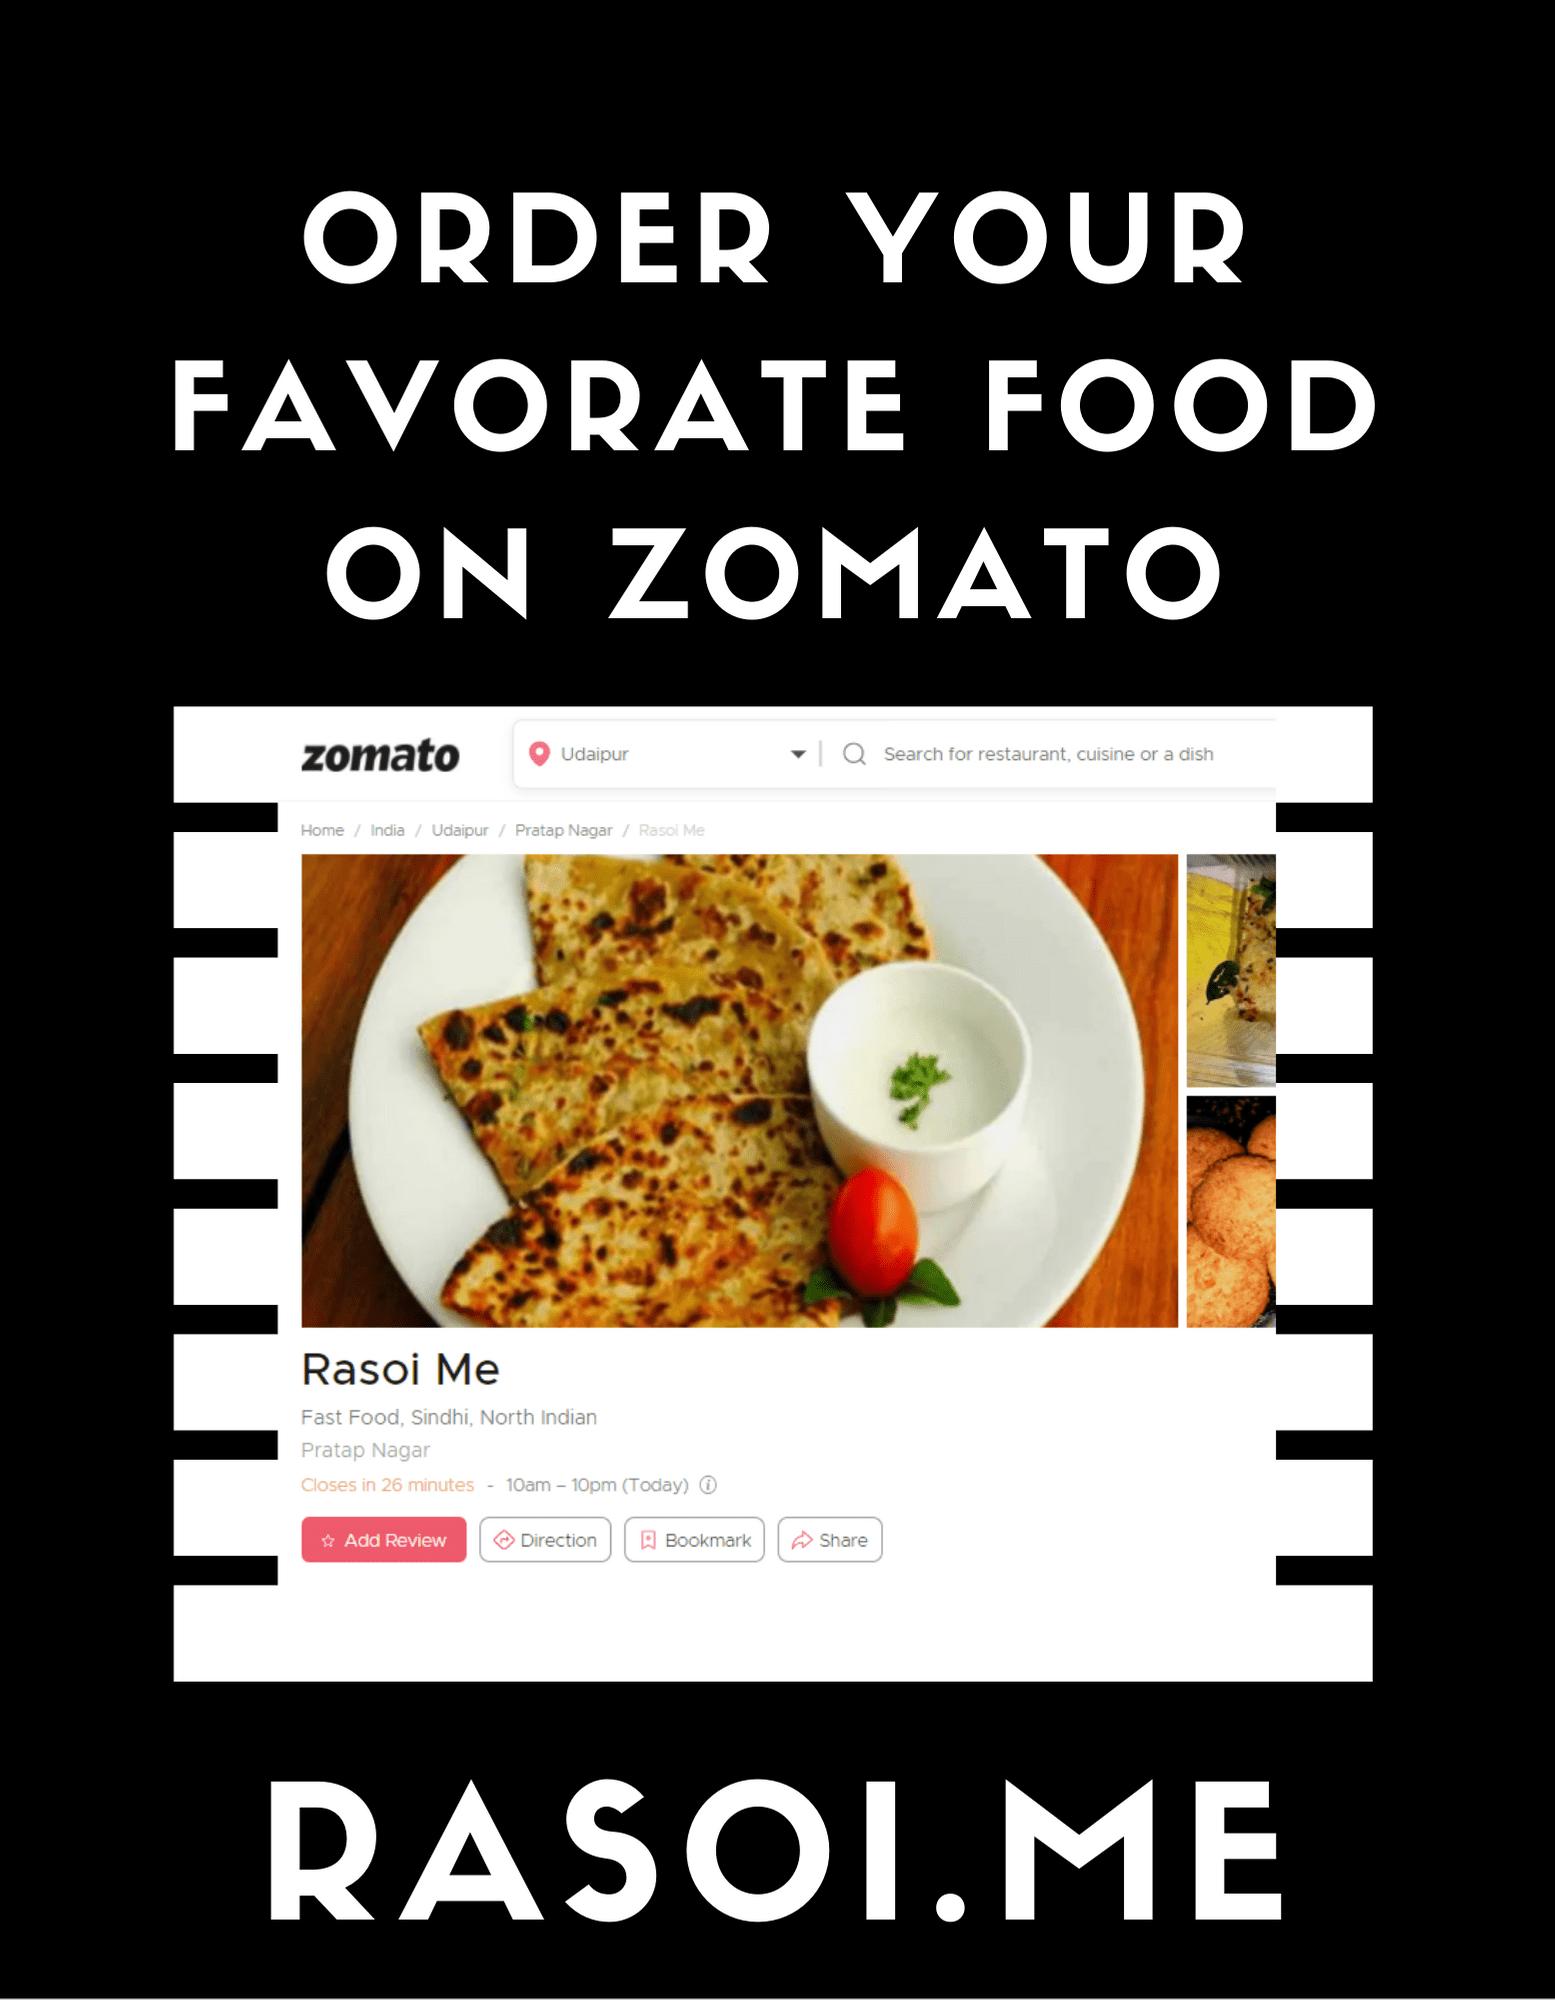 Rasoi.Me Zomato Food Order